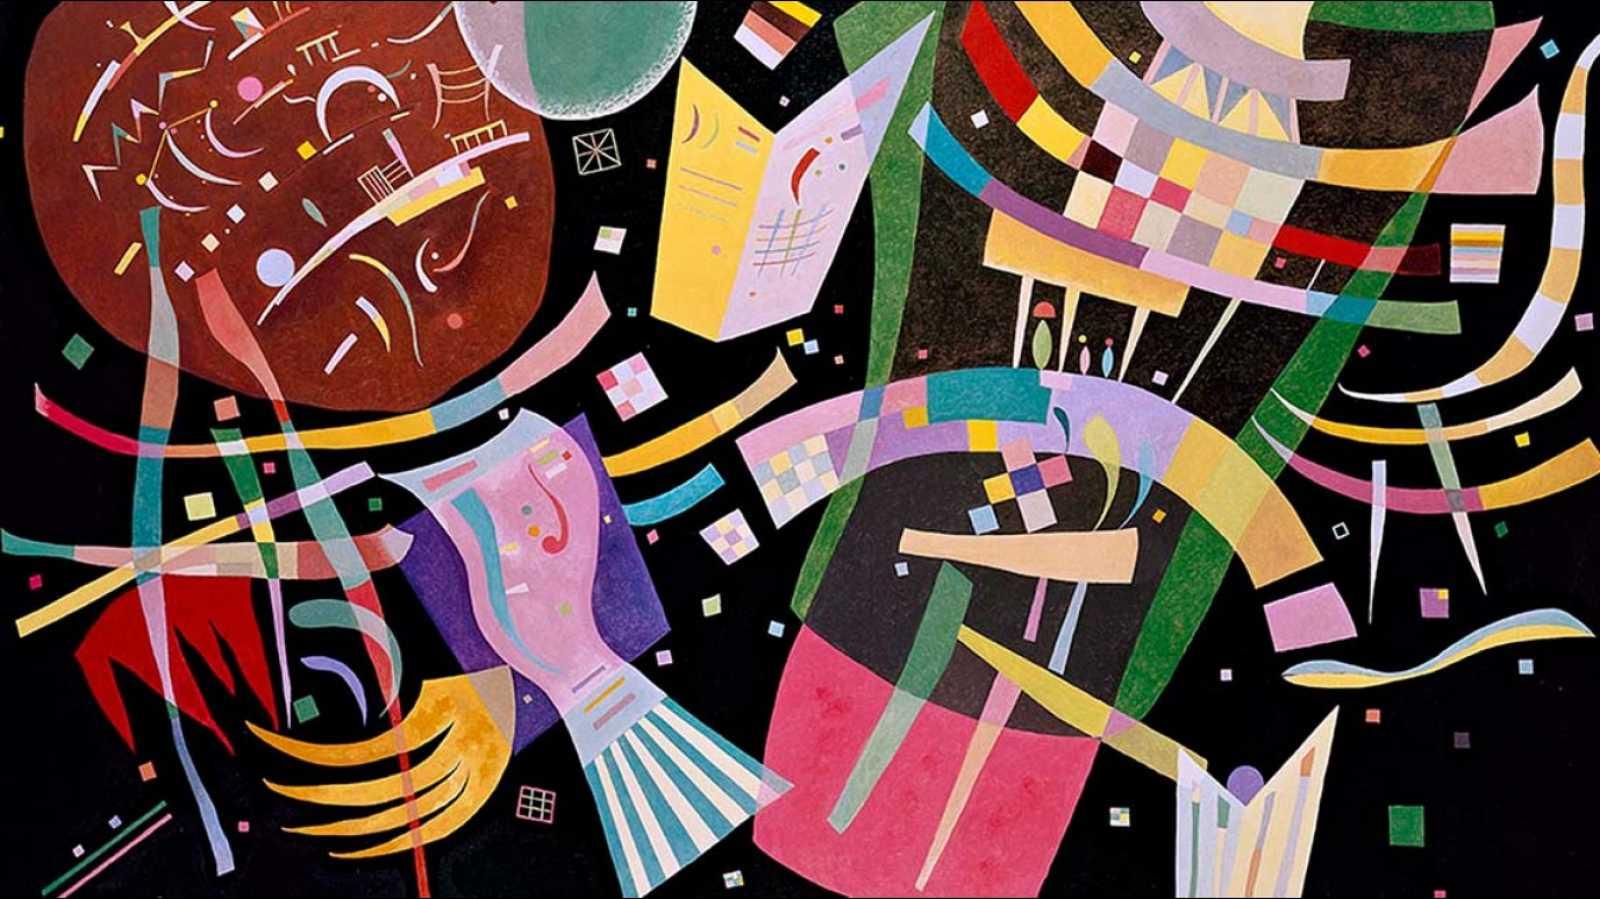 La radio tiene ojos - Kandinsky y el negro absoluto - 05/12/20 - escuchar ahora